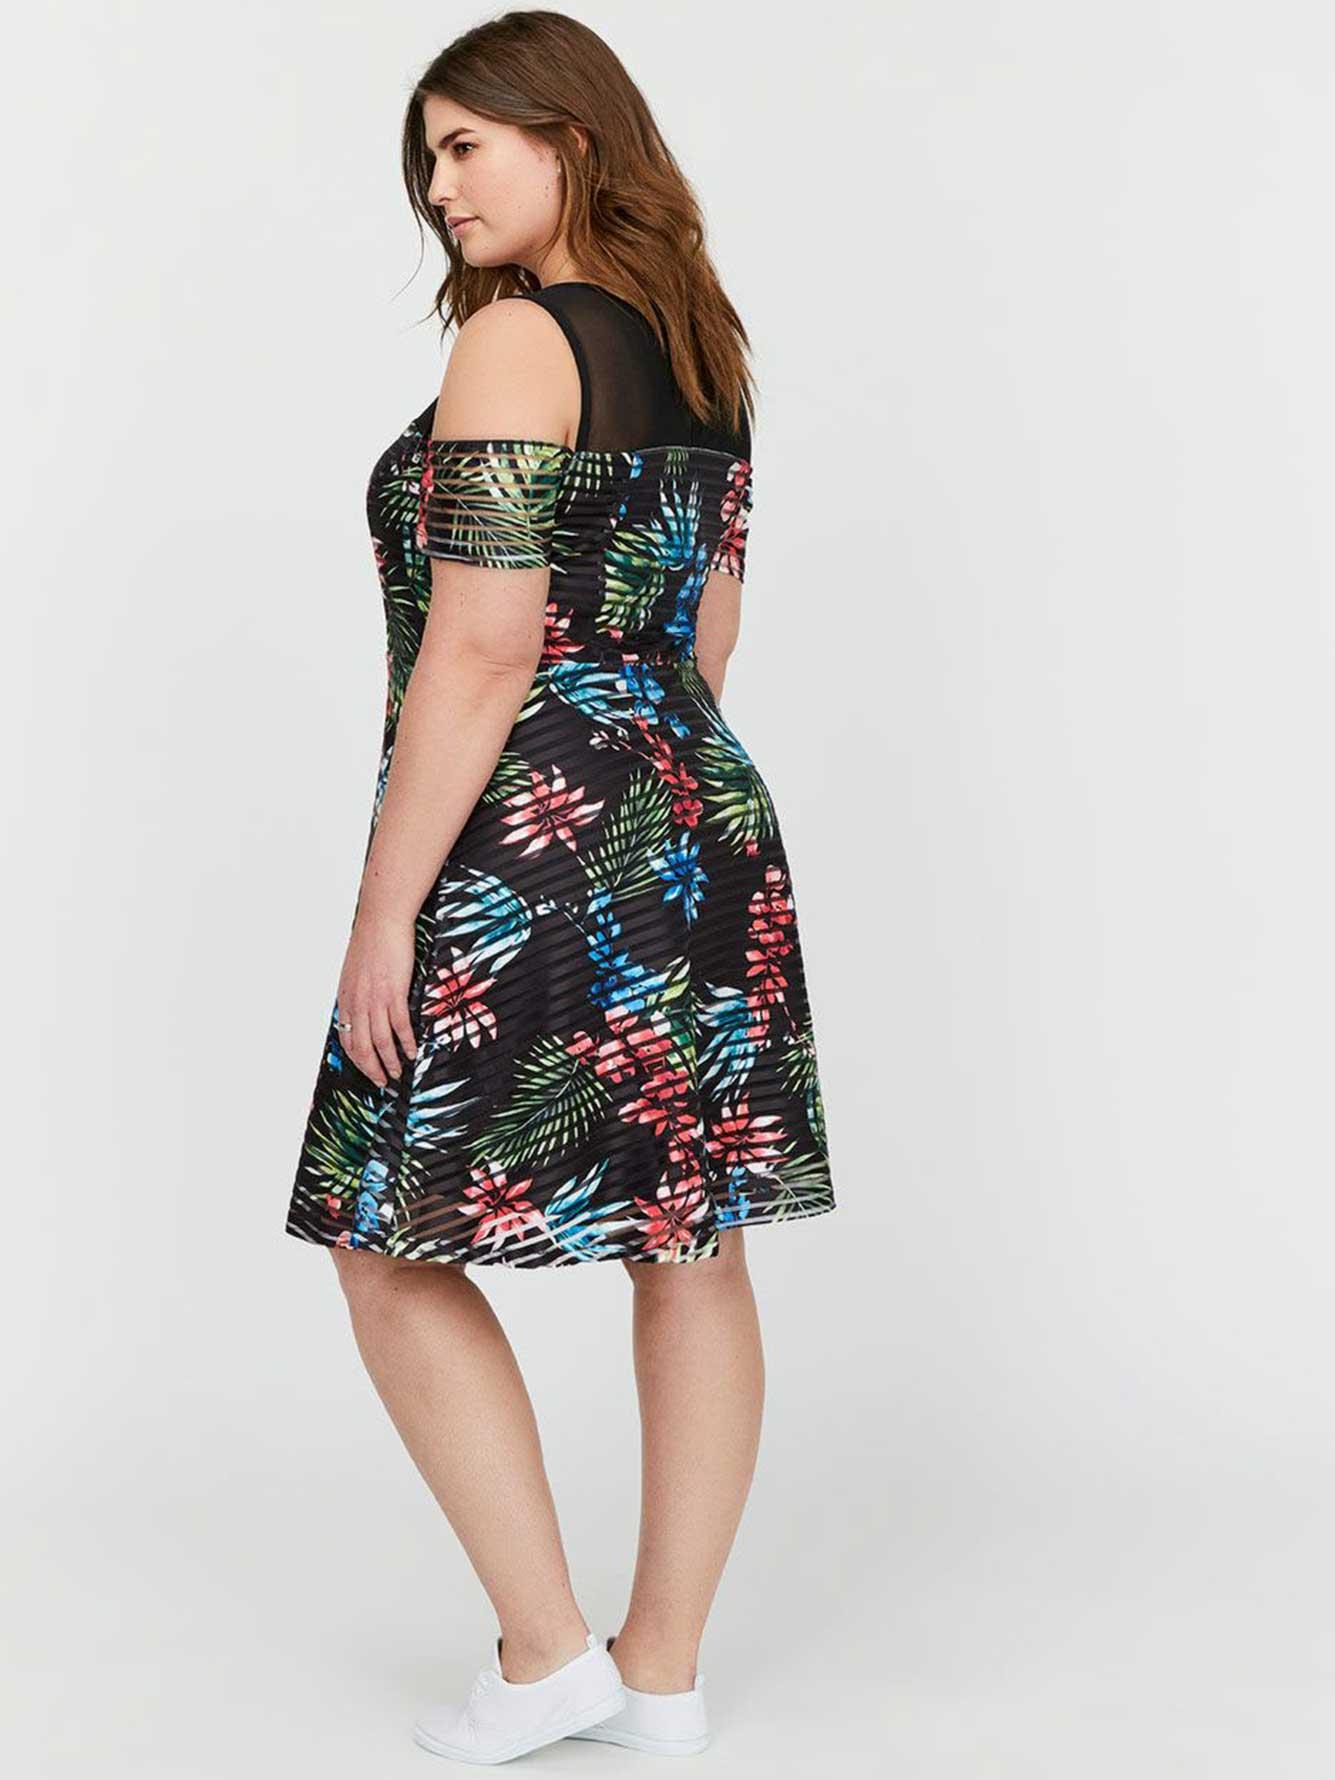 5808b0929117 Michel Studio Fit & Flare Cold Shoulder Printed Dress | Addition Elle